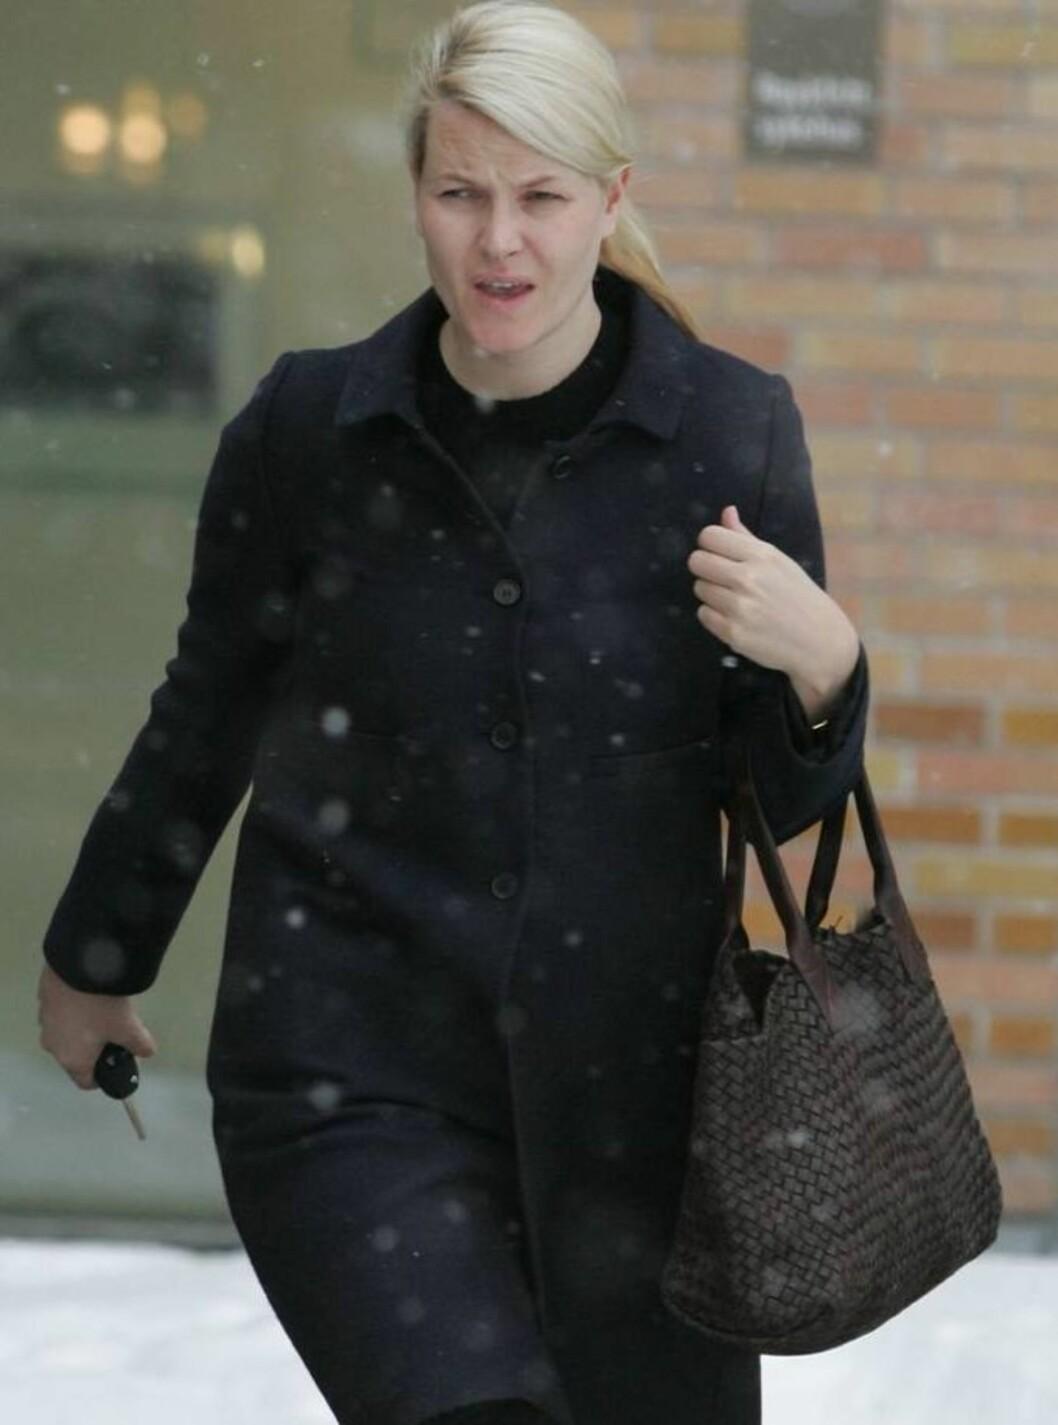 <strong>OVERNATTET:</strong> Kronprinsesse Mette-Marit på vei ut fra Rikshospitalet etter å ha tilbrakt natten på sykehuset sammen med sin syke sønn. Foto: Se og Hør